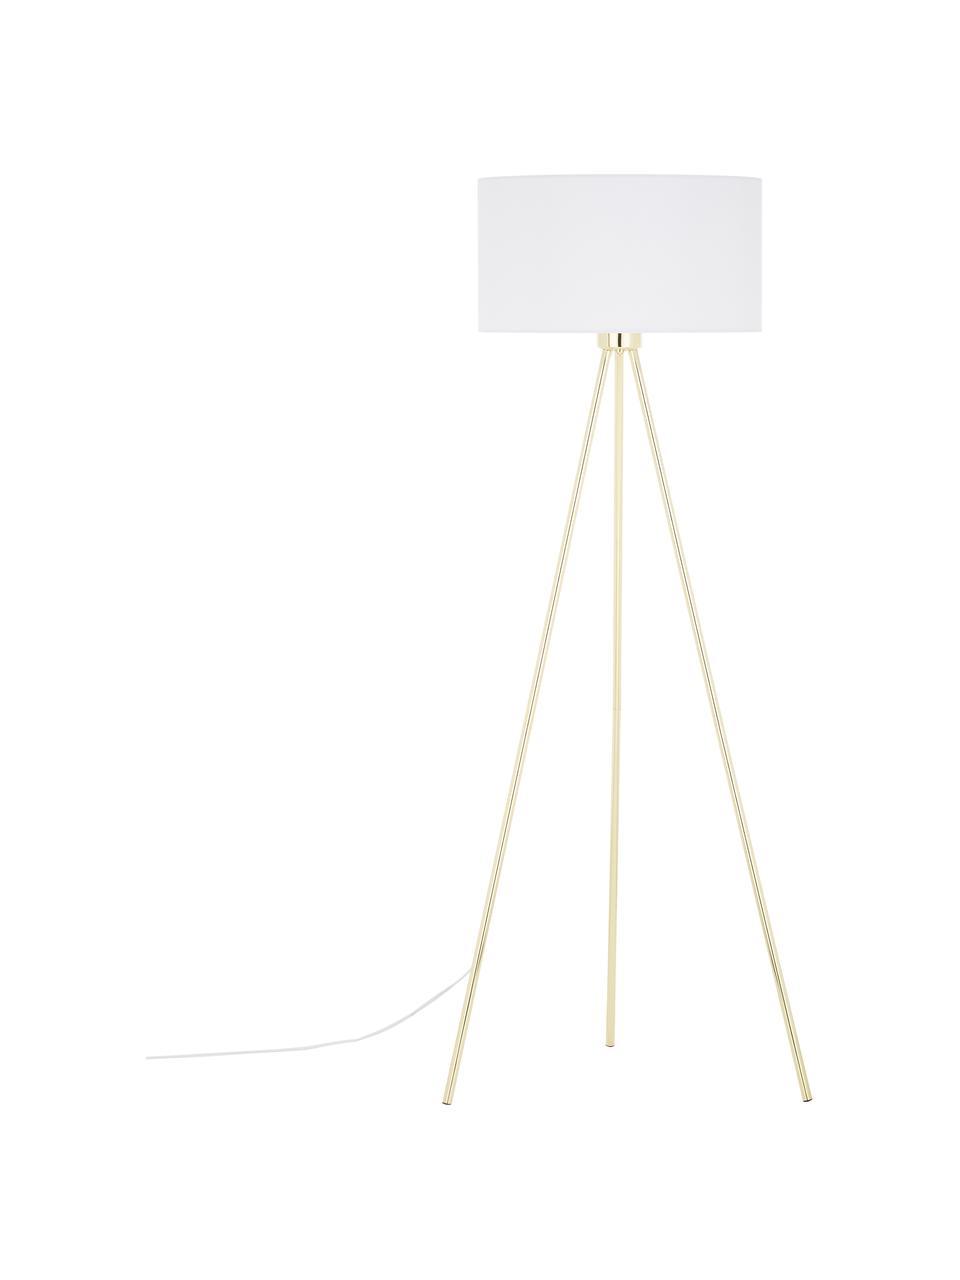 Lampadaire trépied scandinave Cella, Pied de lampe: couleur dorée, brillant Abat-jour: blanc